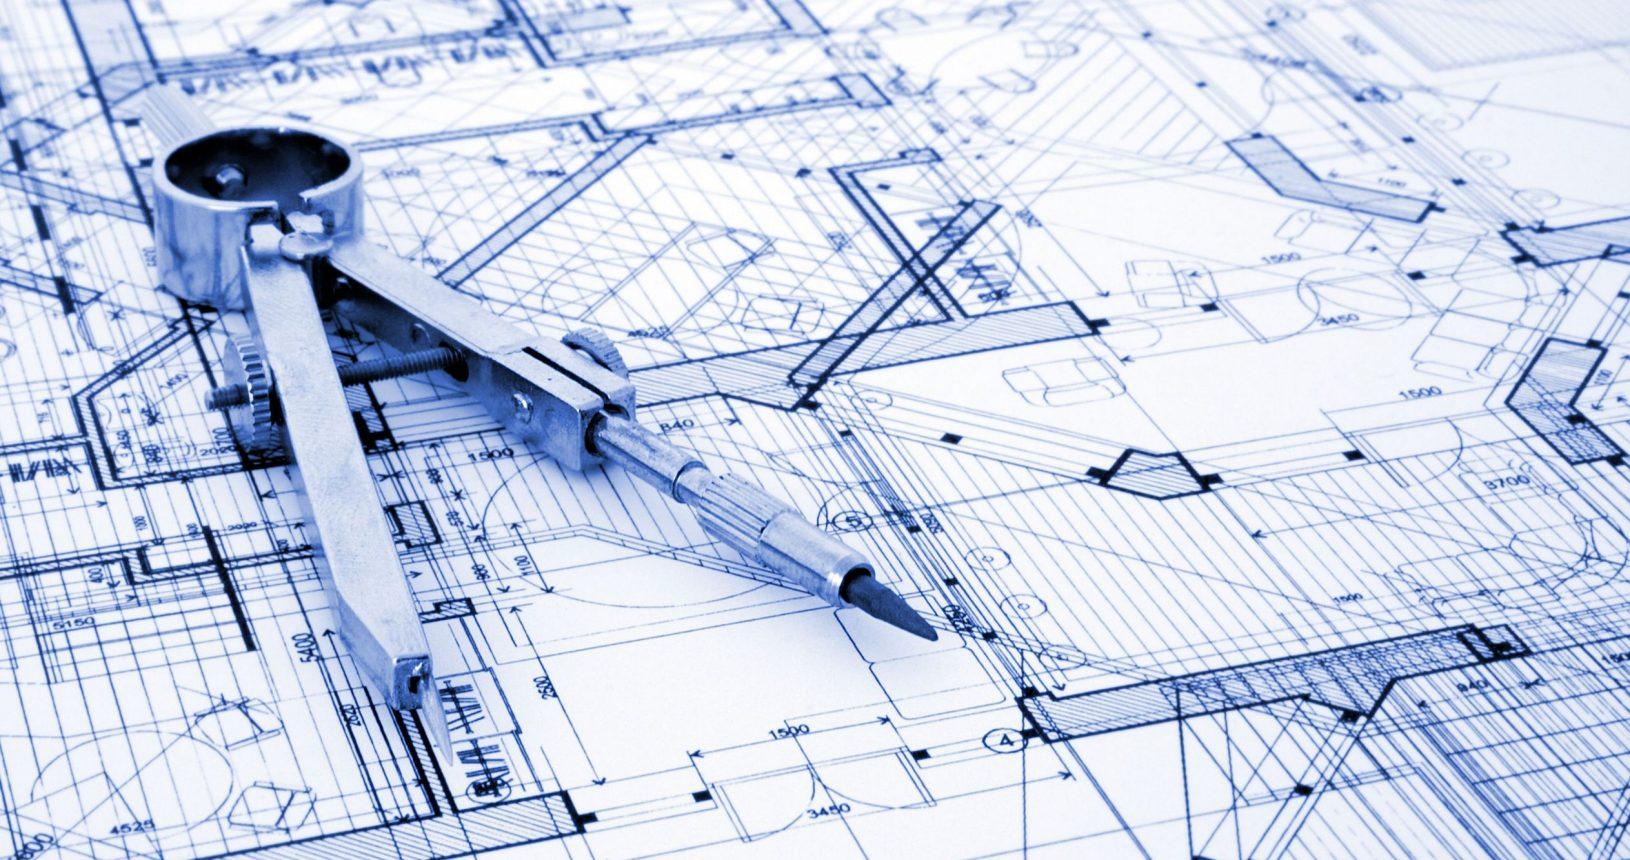 خدمات فنی و مهندسی صنعت مارکت